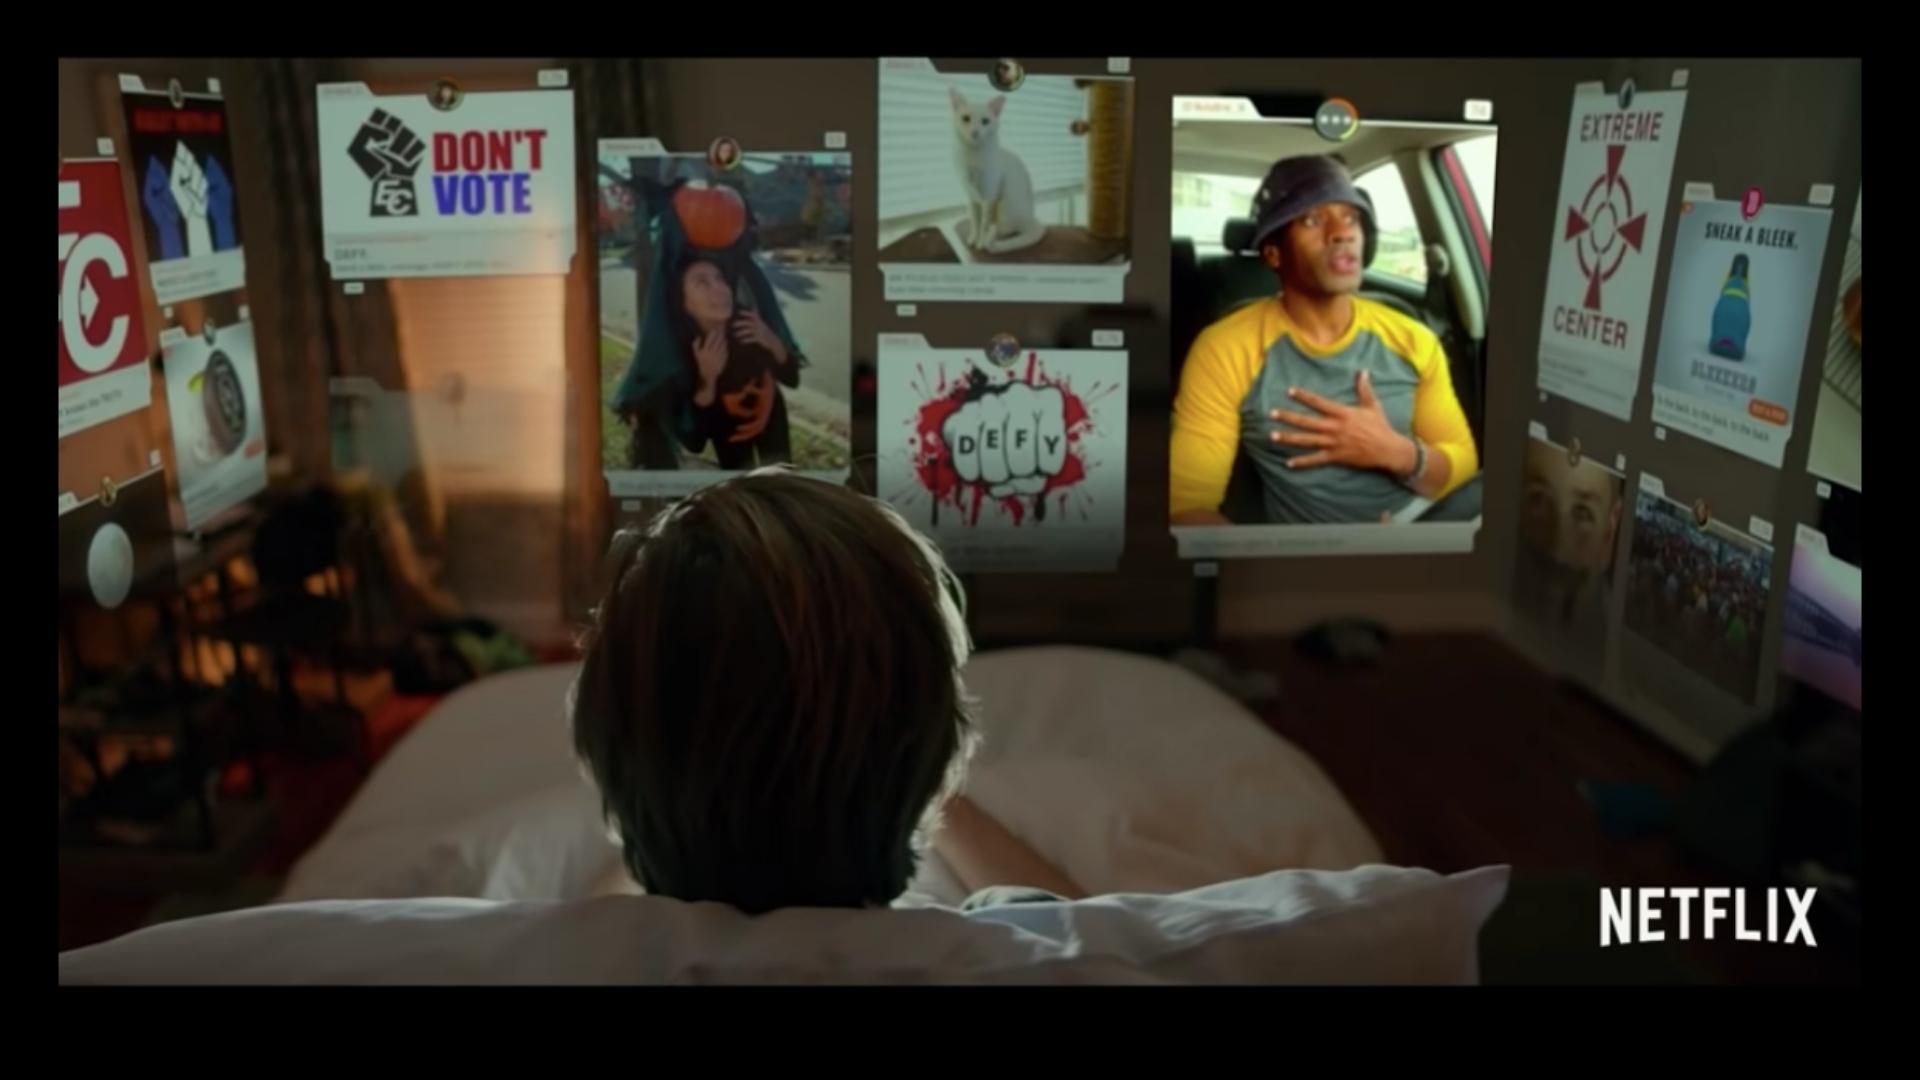 Cena do filme O Dilema das Redes. A imagem mostra por trás um adolescente loiro sentado em uma cama. Vemos apenas sua cabeça apoiada no travesseiro. À sua frente, alinhados às paredes do quarto, estão diversas imagens suspensas no ar, simulando abas de navegadores de internet.